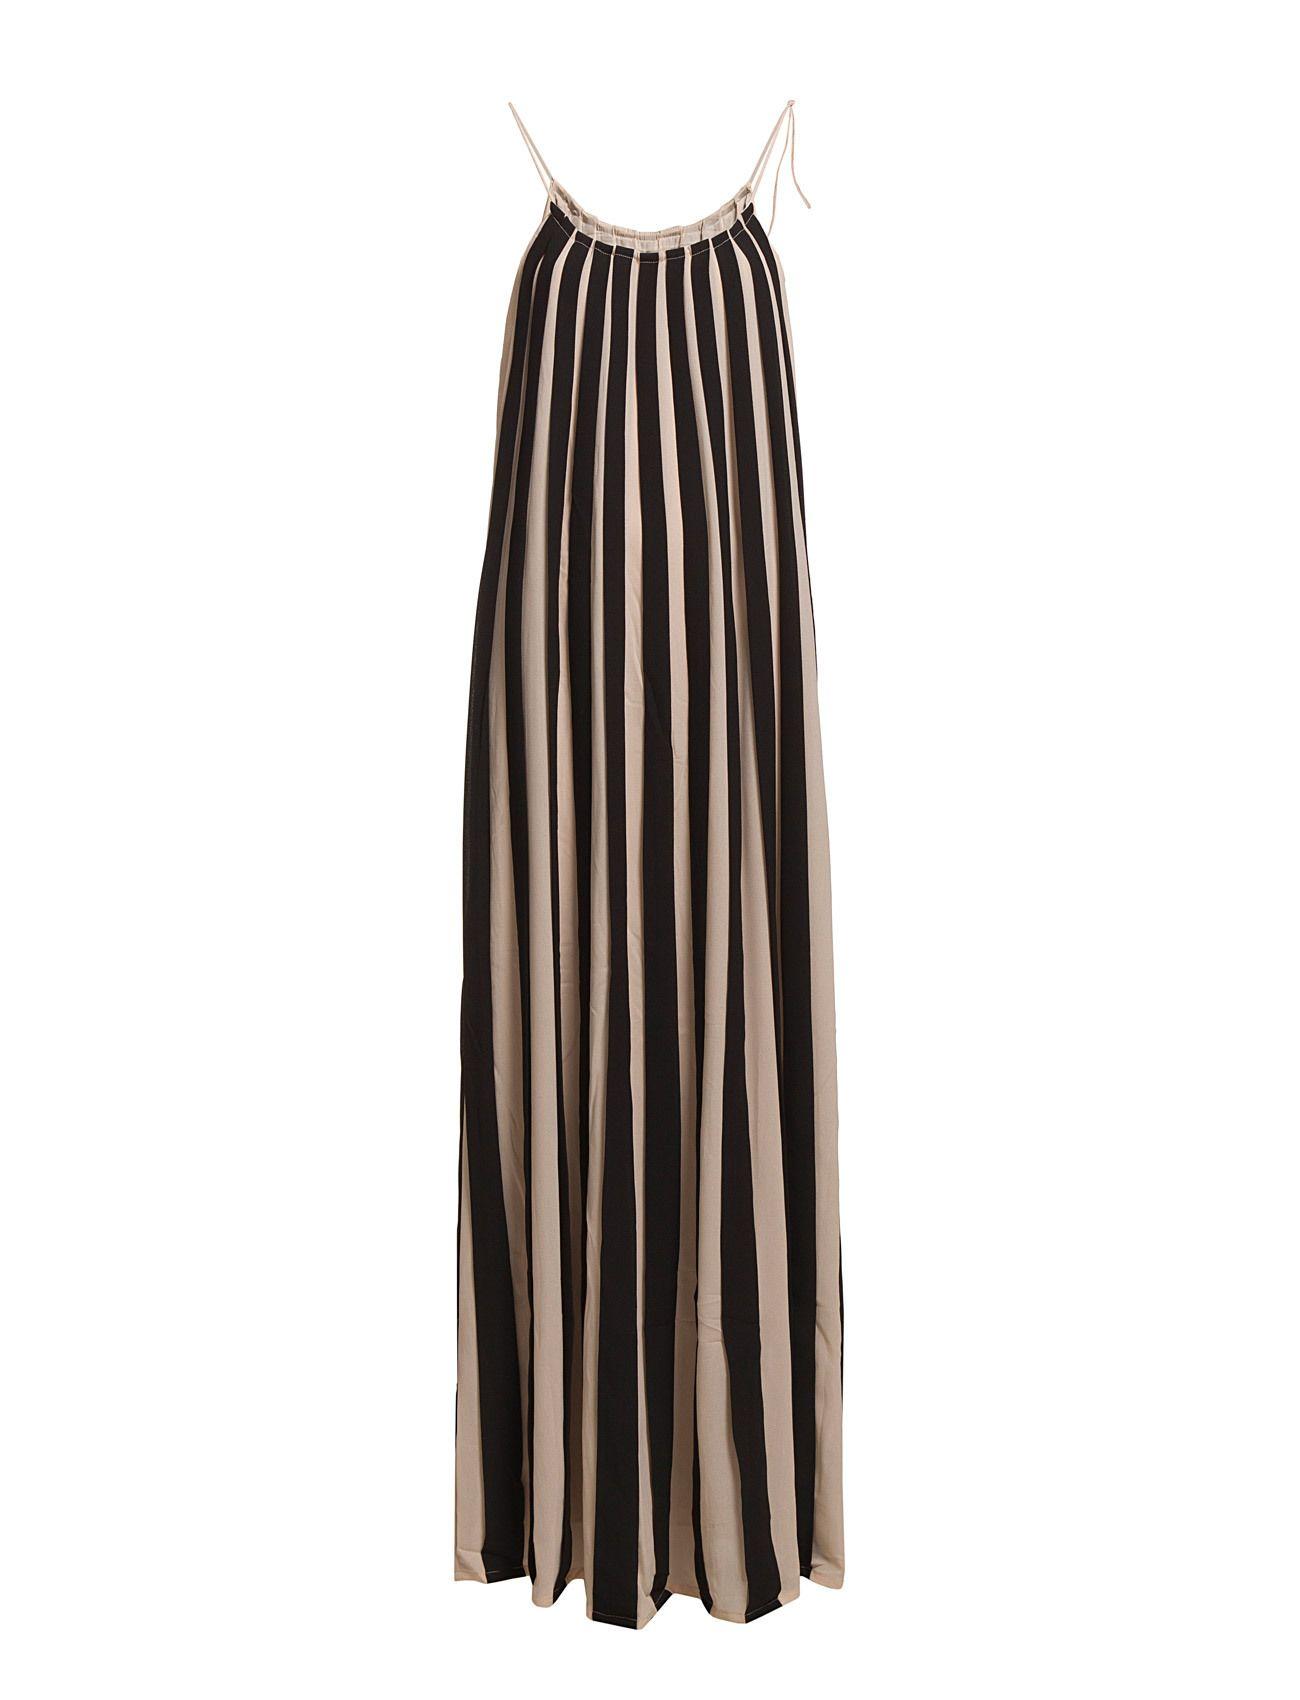 c91560a41565e8 FRIIS   COMPANY® - Narda Maxi Dress (Nude) - Offizieller Online Shop  Deutschland